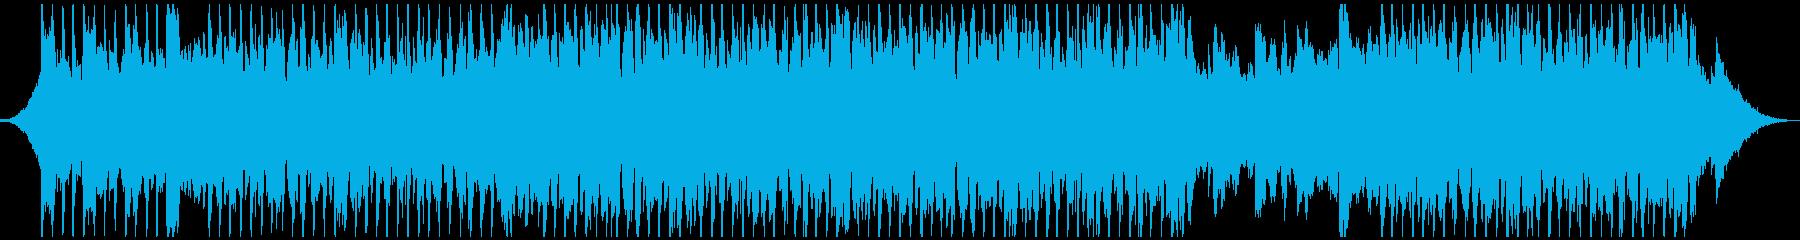 代替案 ポップ アンビエント コー...の再生済みの波形